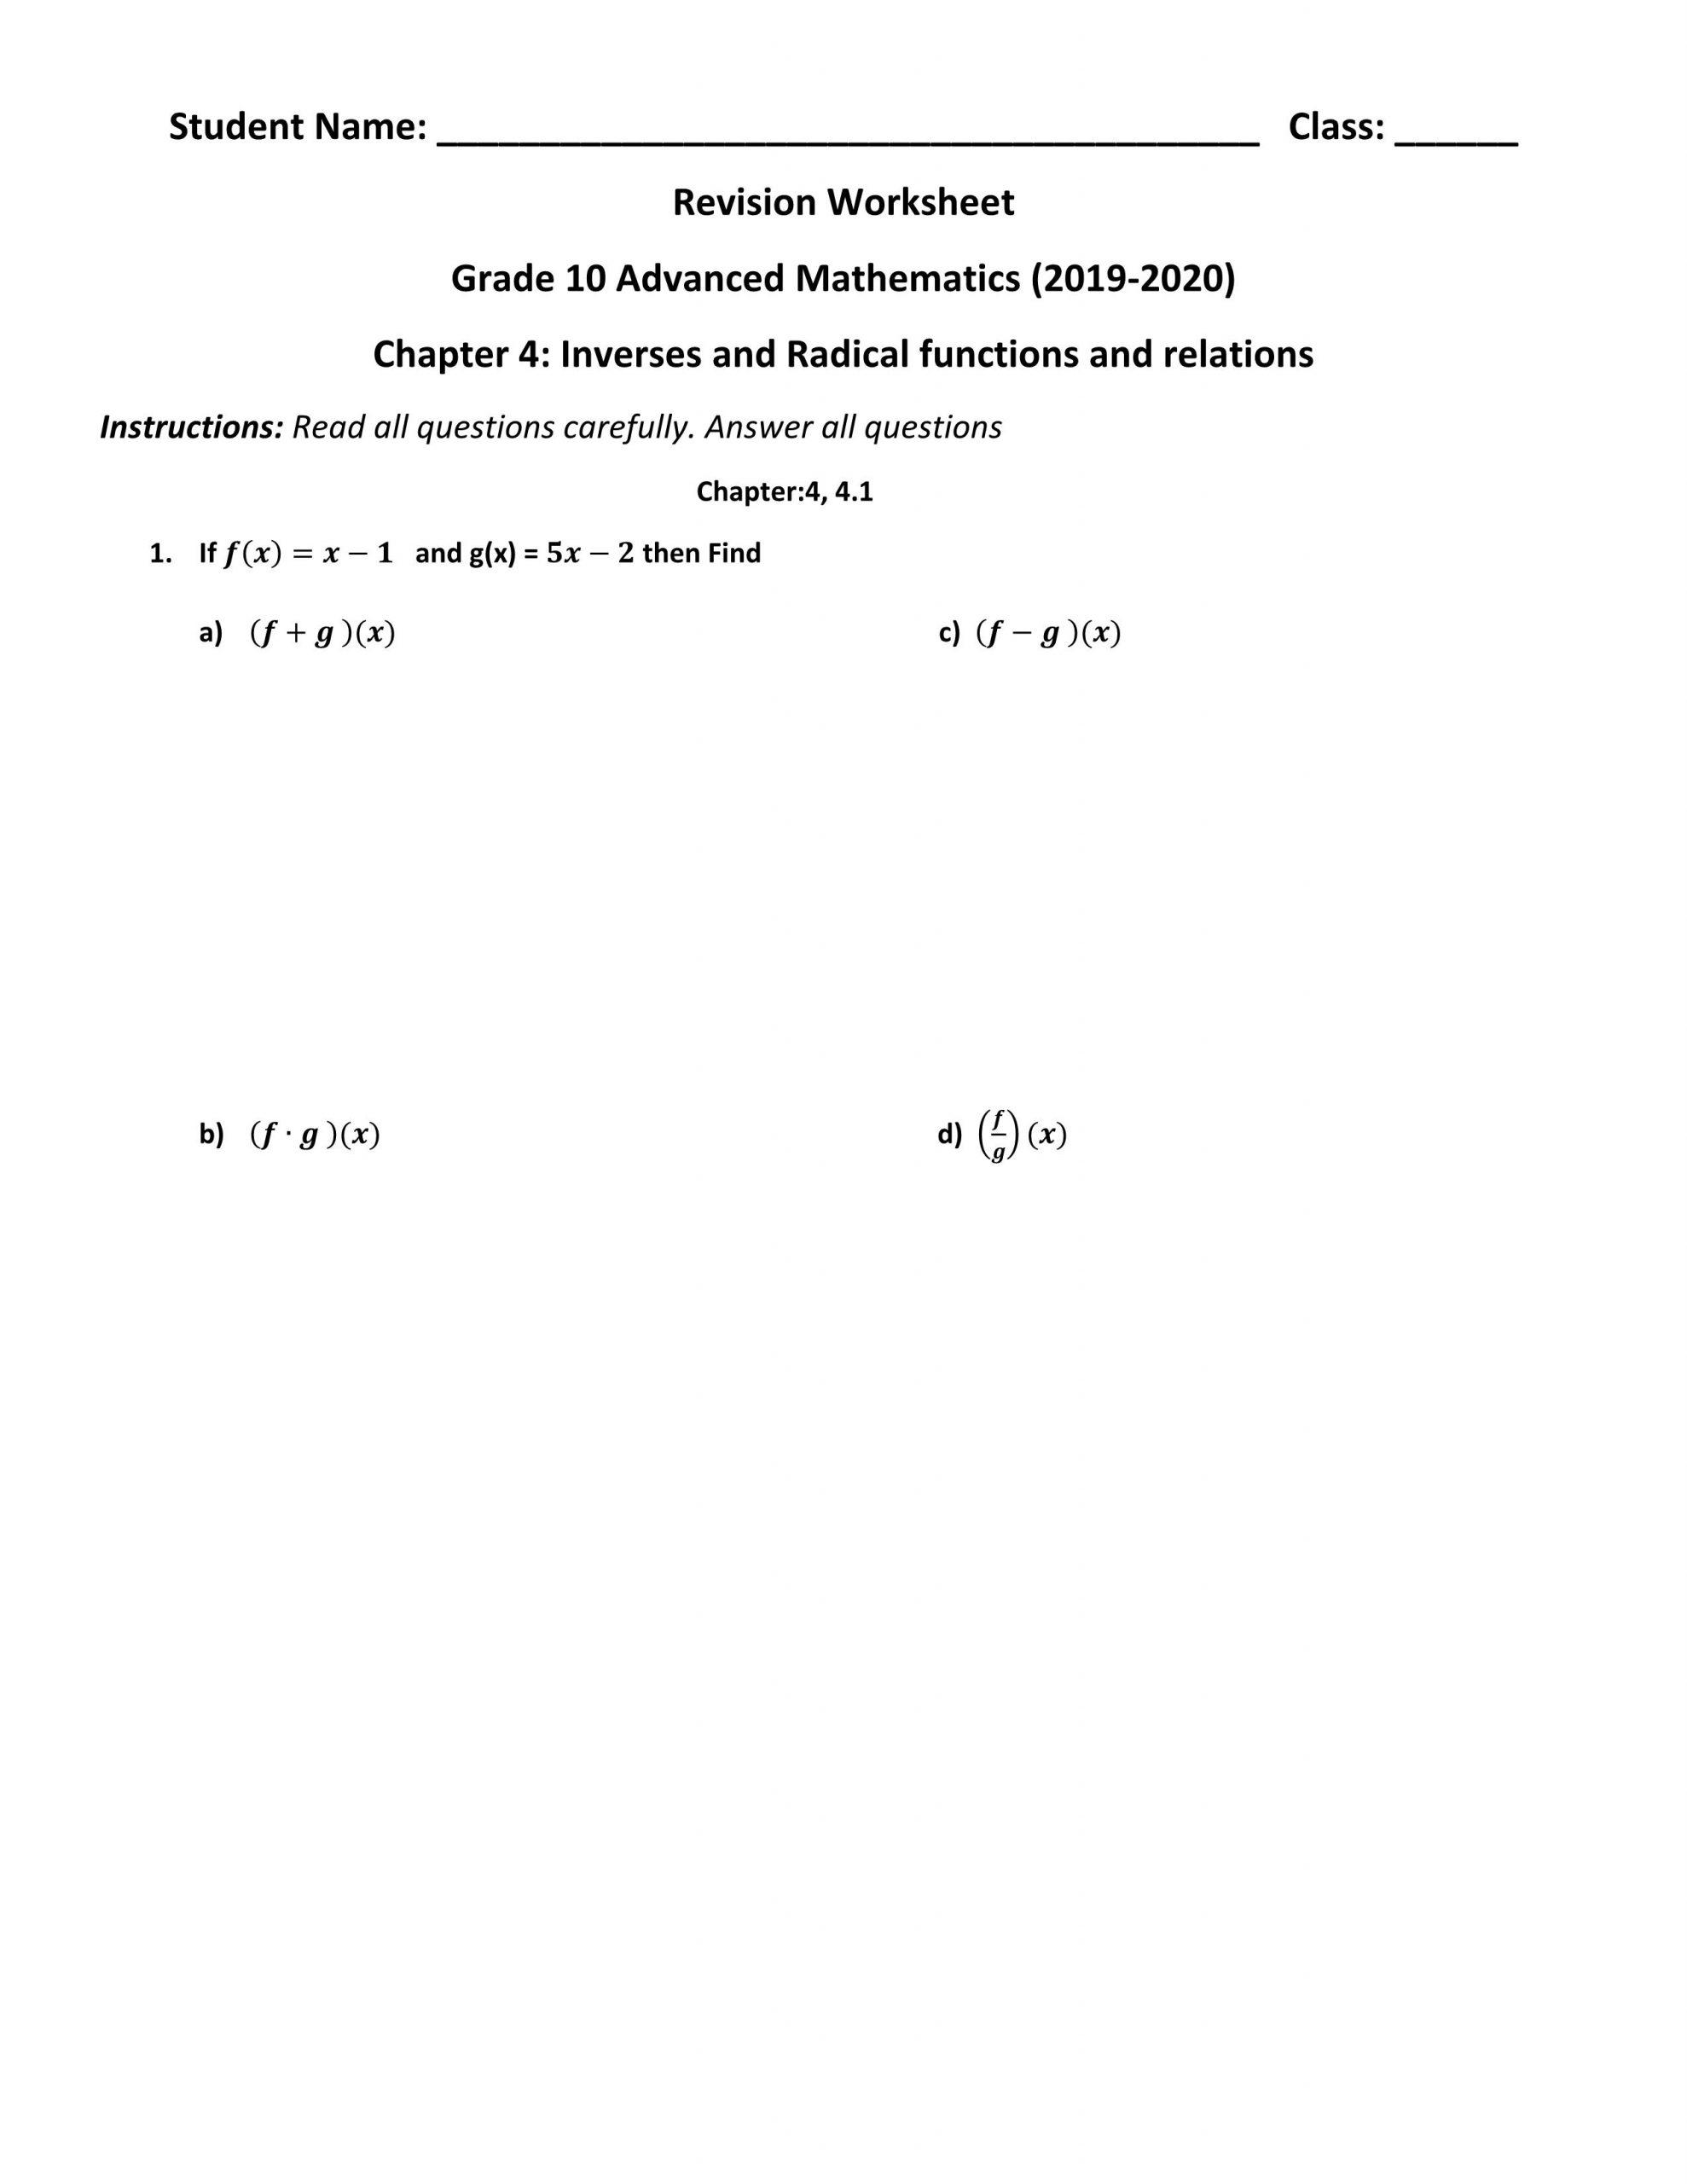 اوراق عمل الوحدة الرابعة بالانجليزي الصف العاشر متقدم مادة الرياضيات المتكاملة